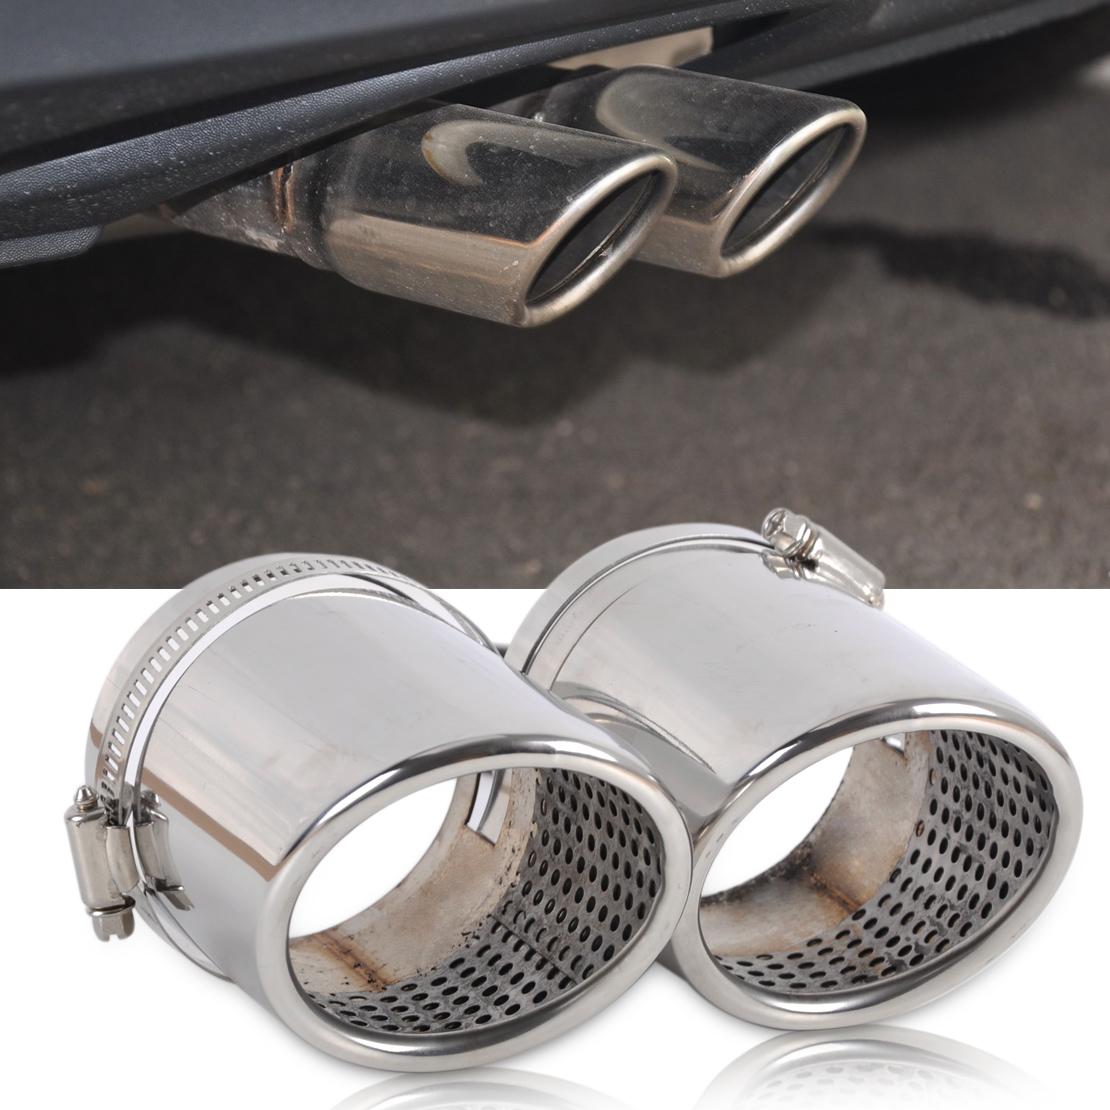 2x Chrom Auspuffblende Auspuff Endrohr Edelstahl für VW Tiguan Audi Q5 2.0 A4 B8